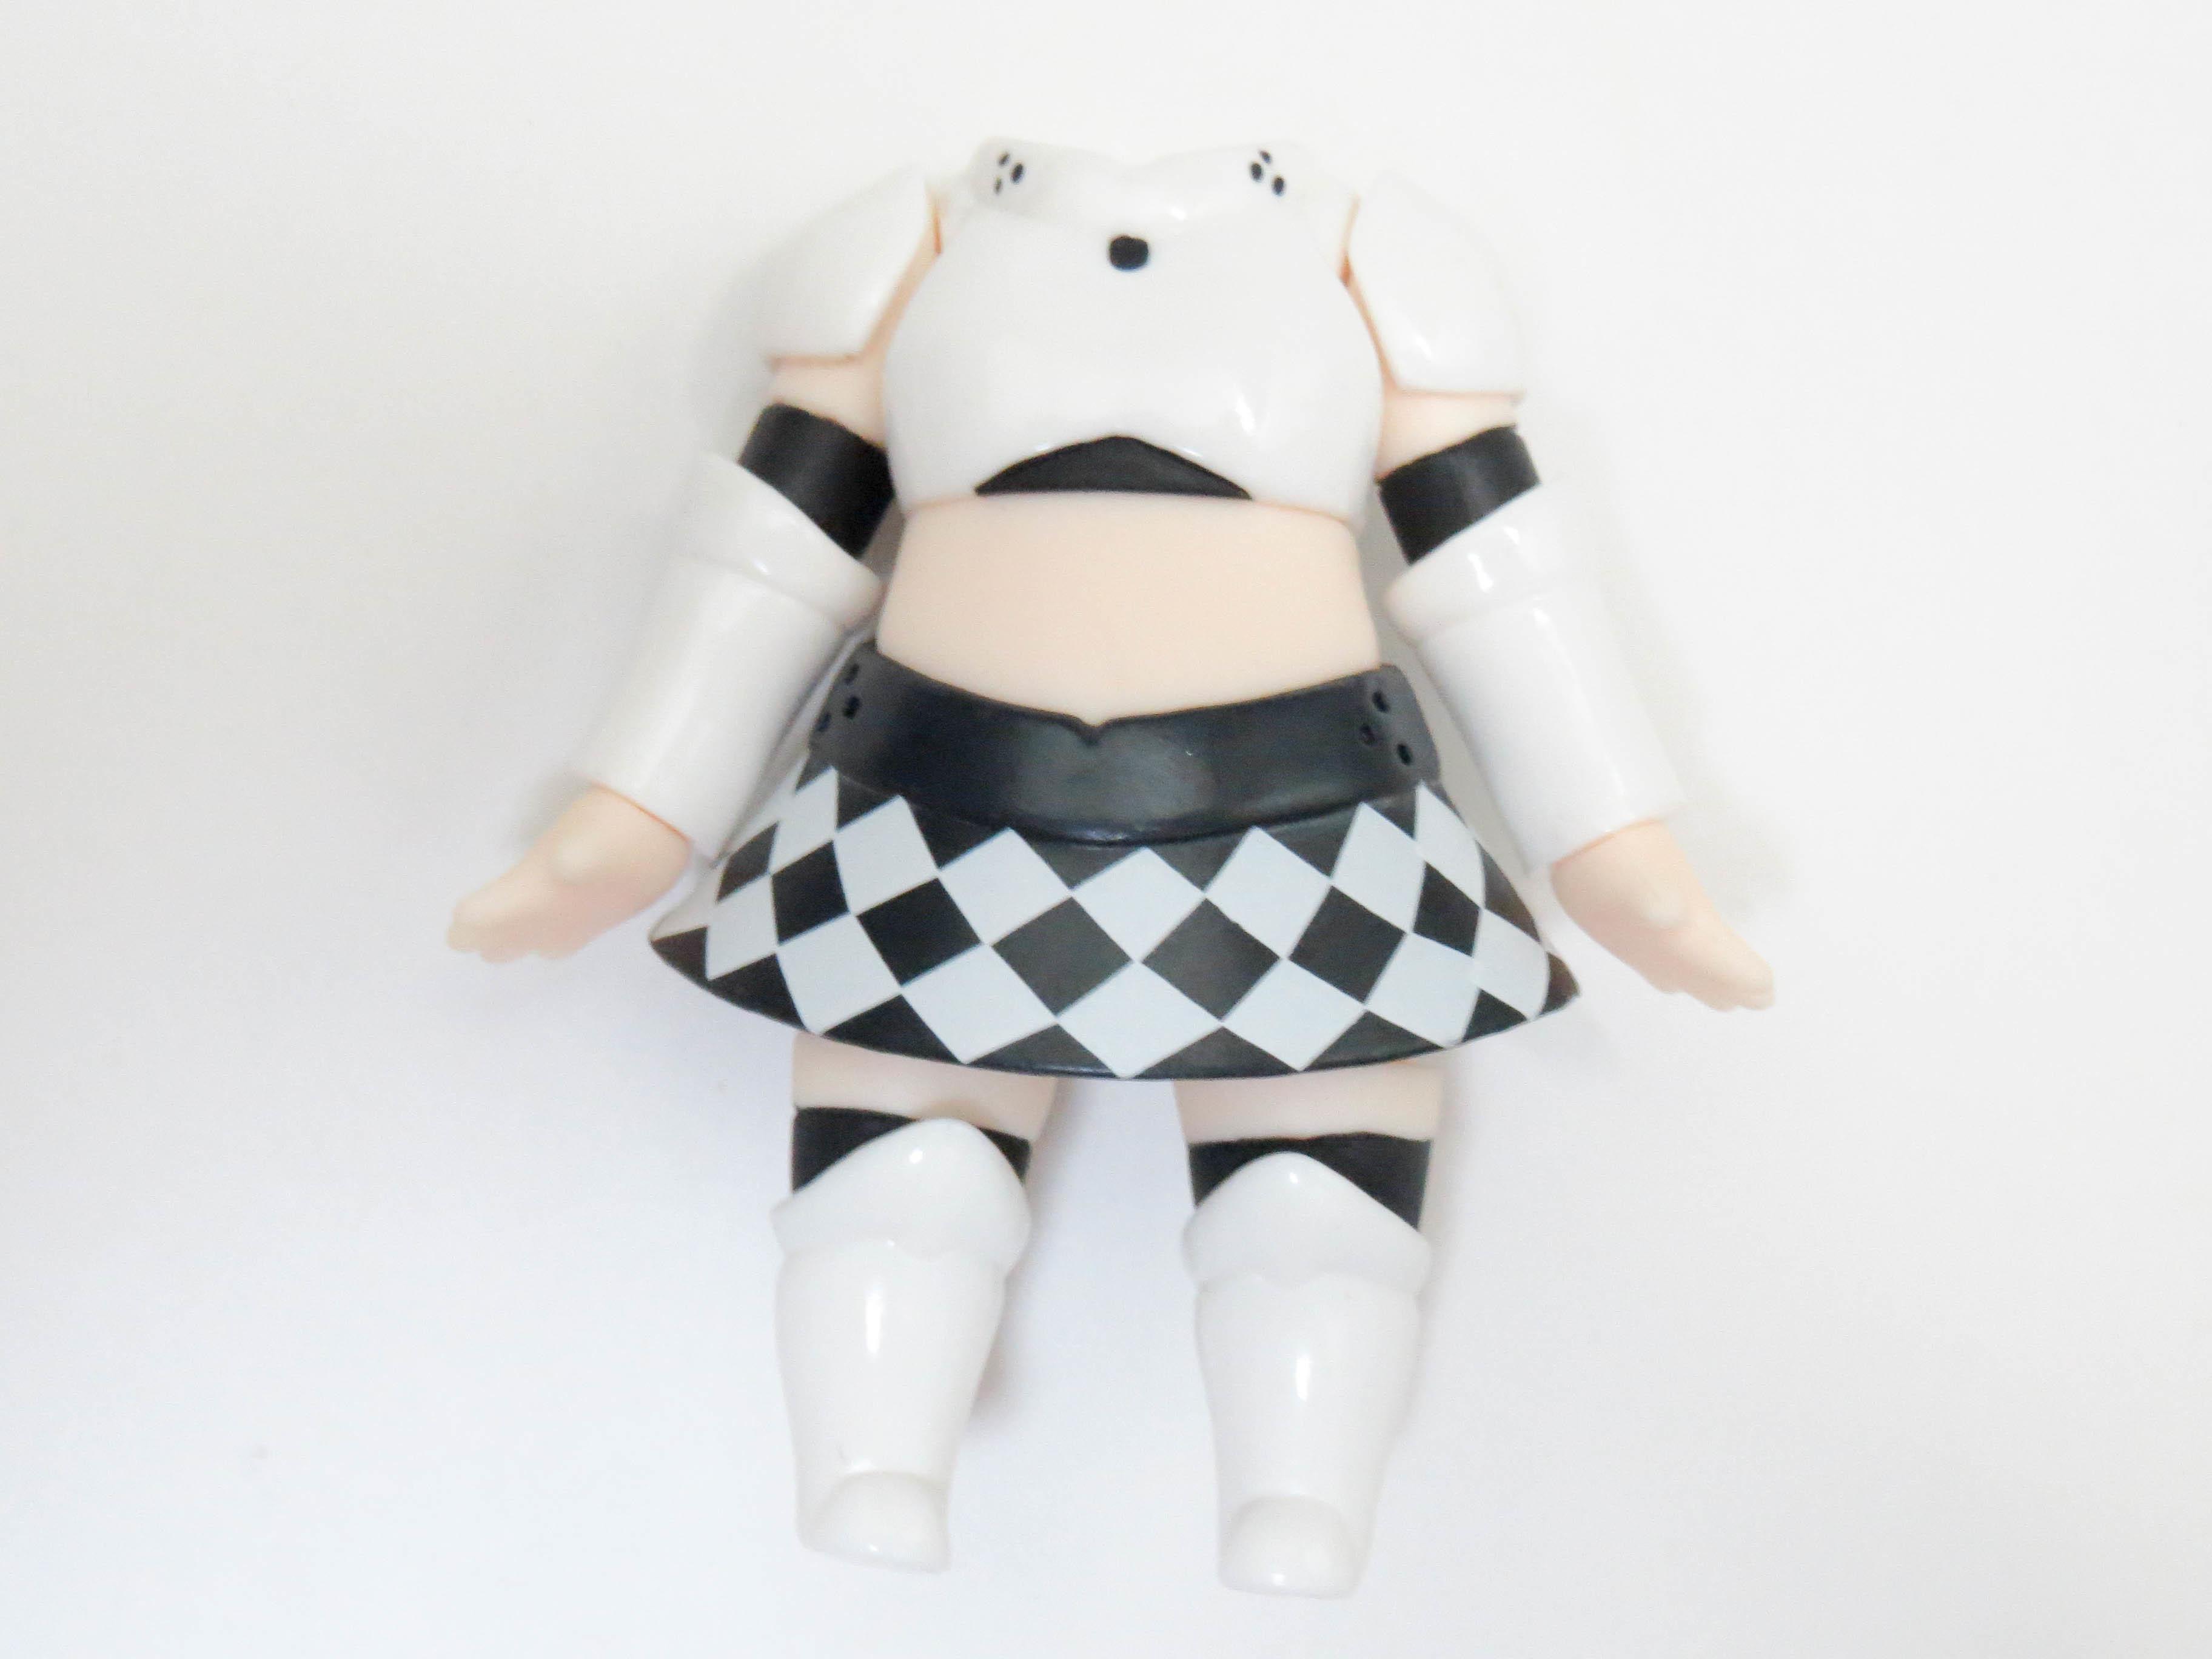 【SALE】【406a】 ミス・モノクローム  体パーツ 私服 ねんどろいど